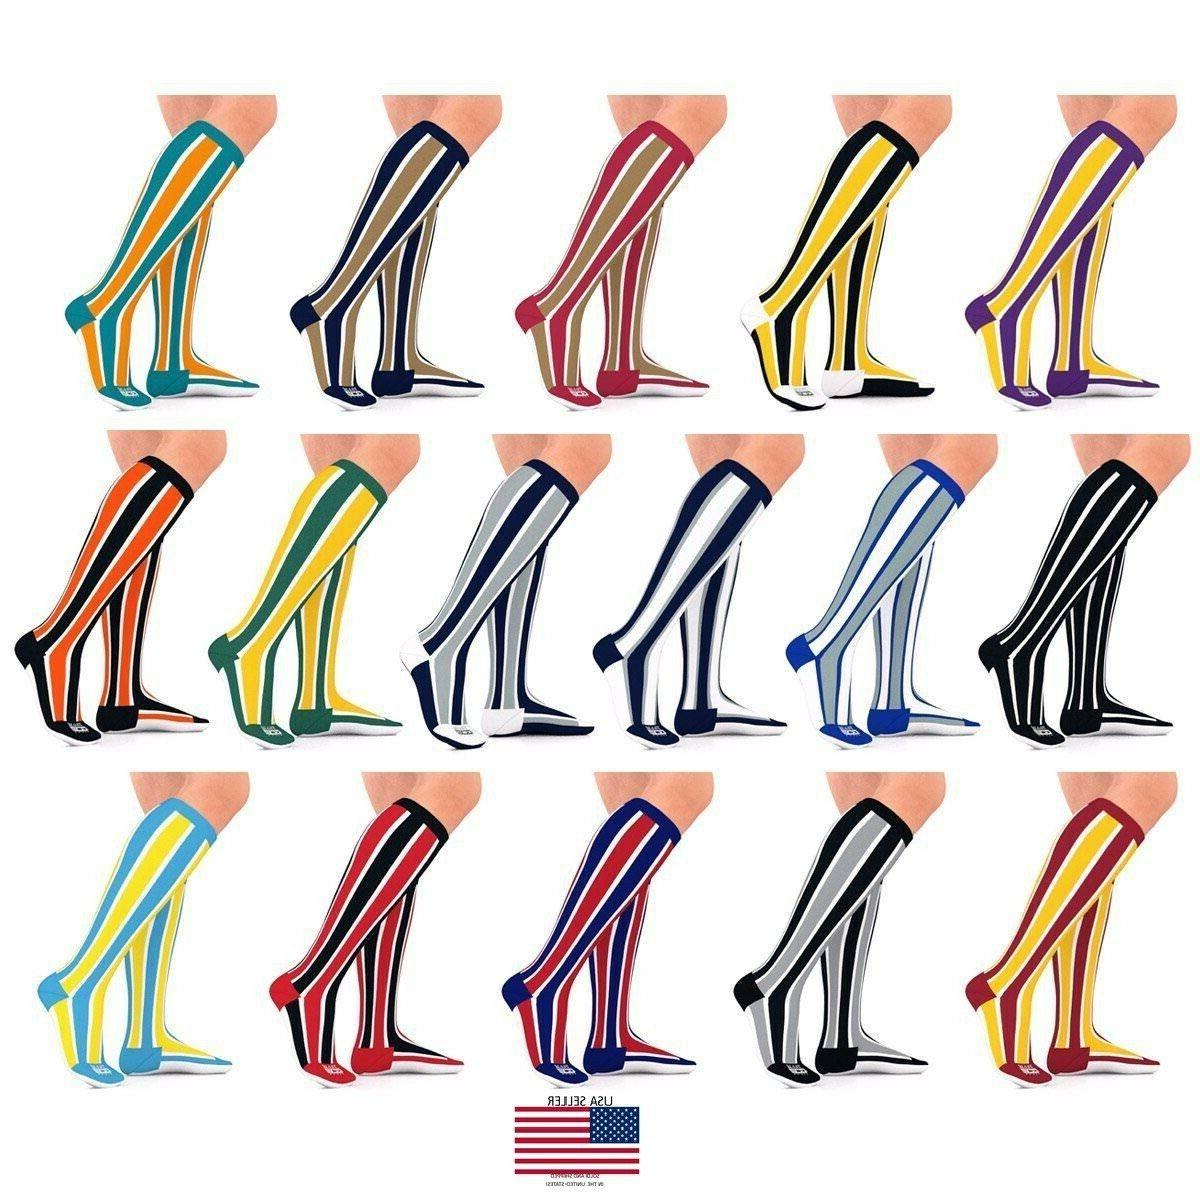 team sports compression socks for men